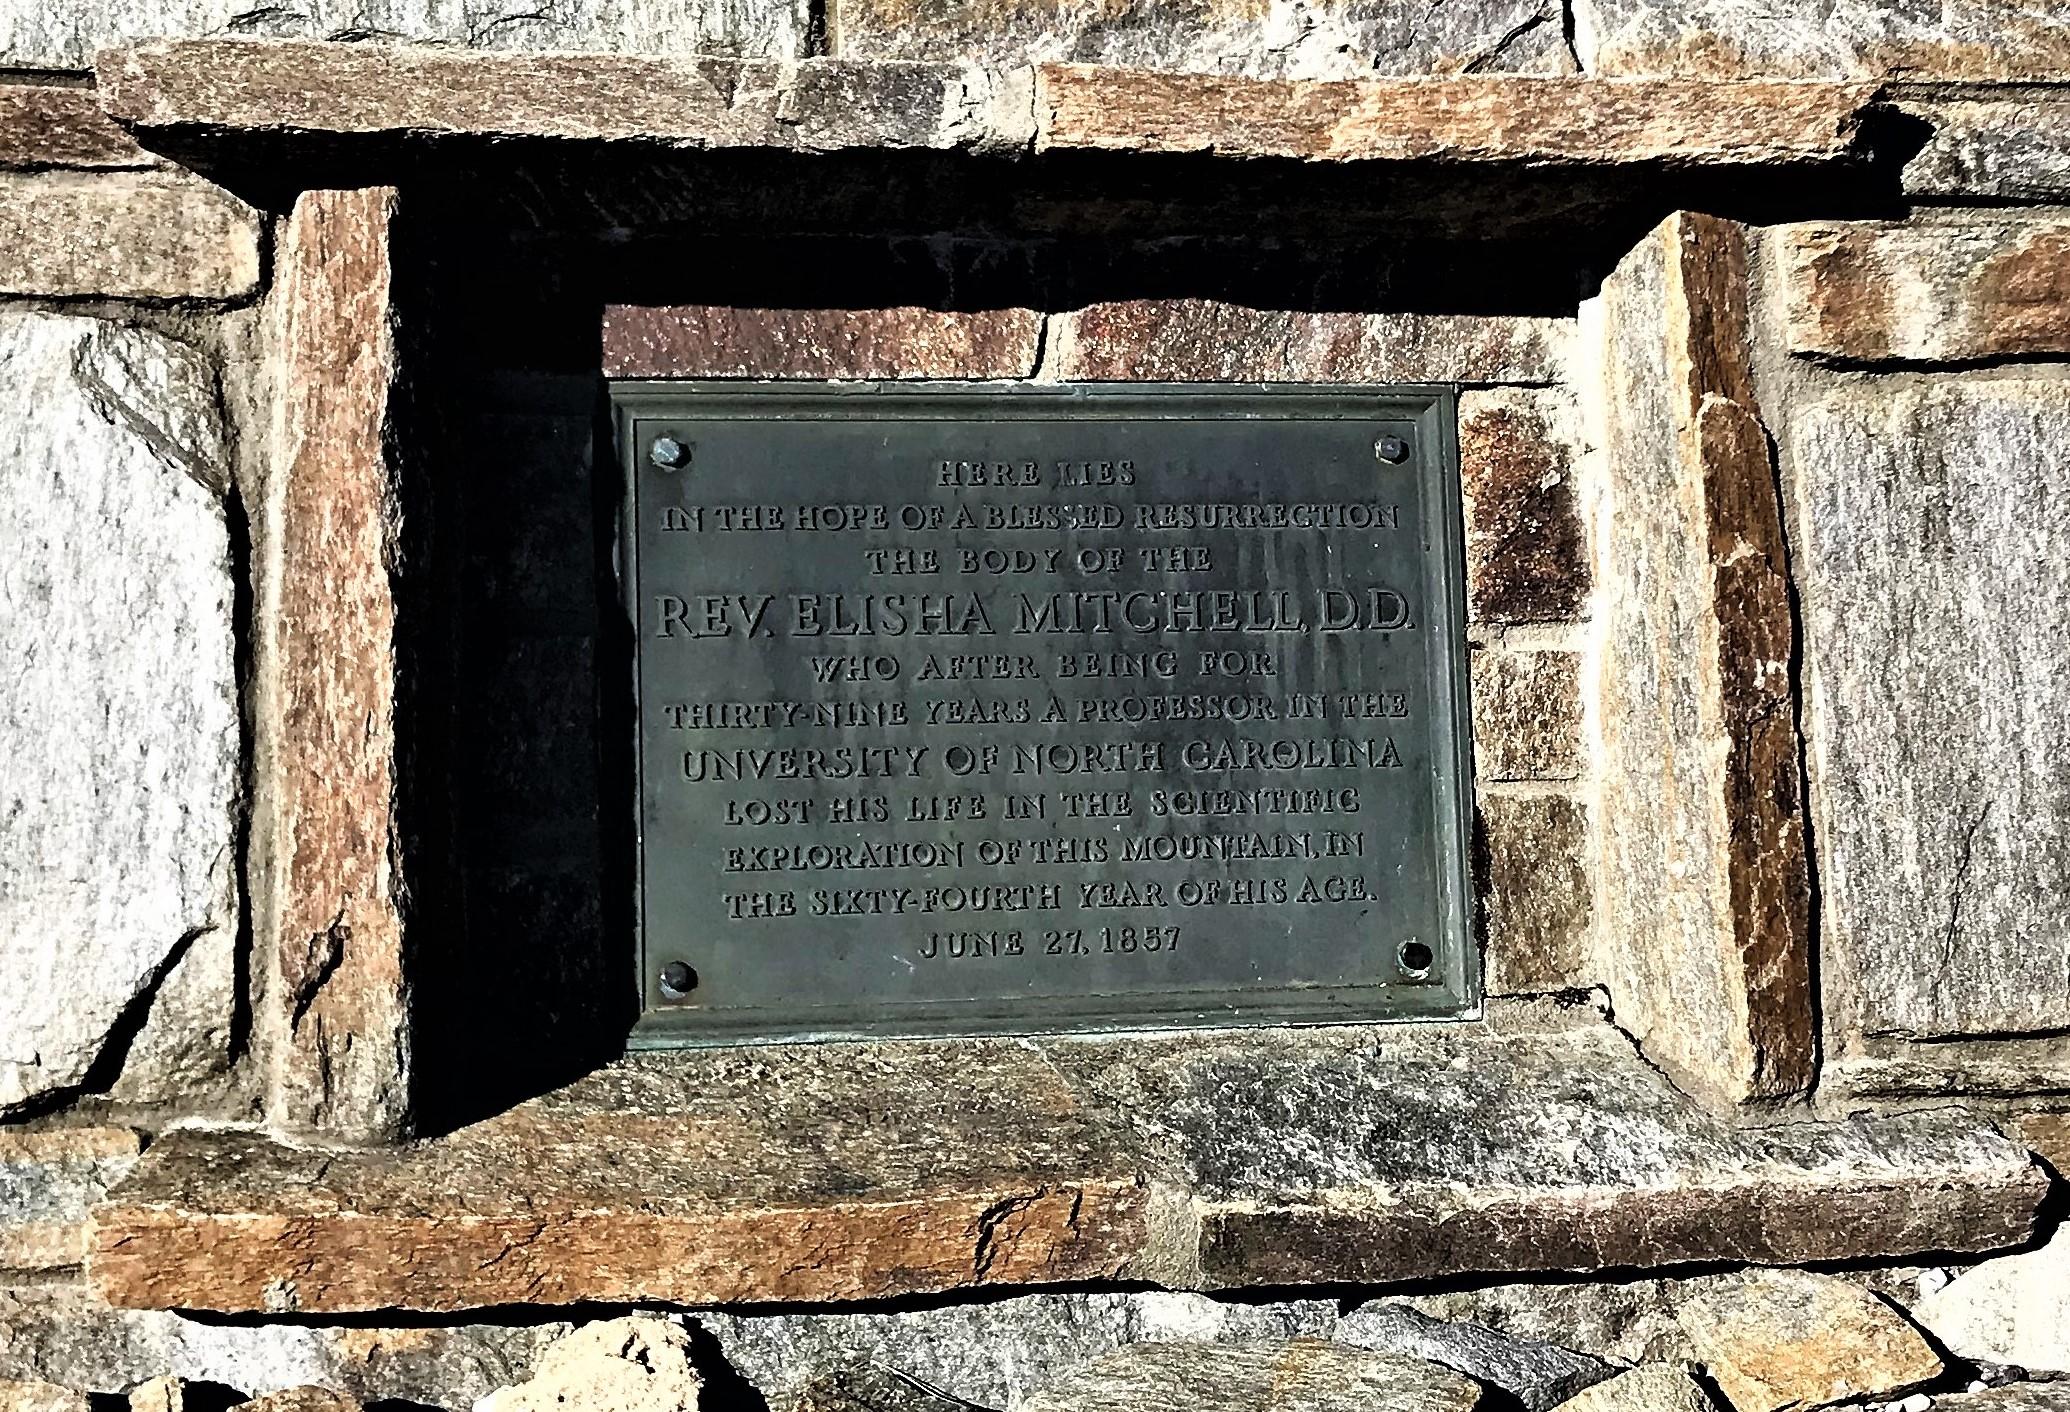 Elisha Mitchell Burial Marker